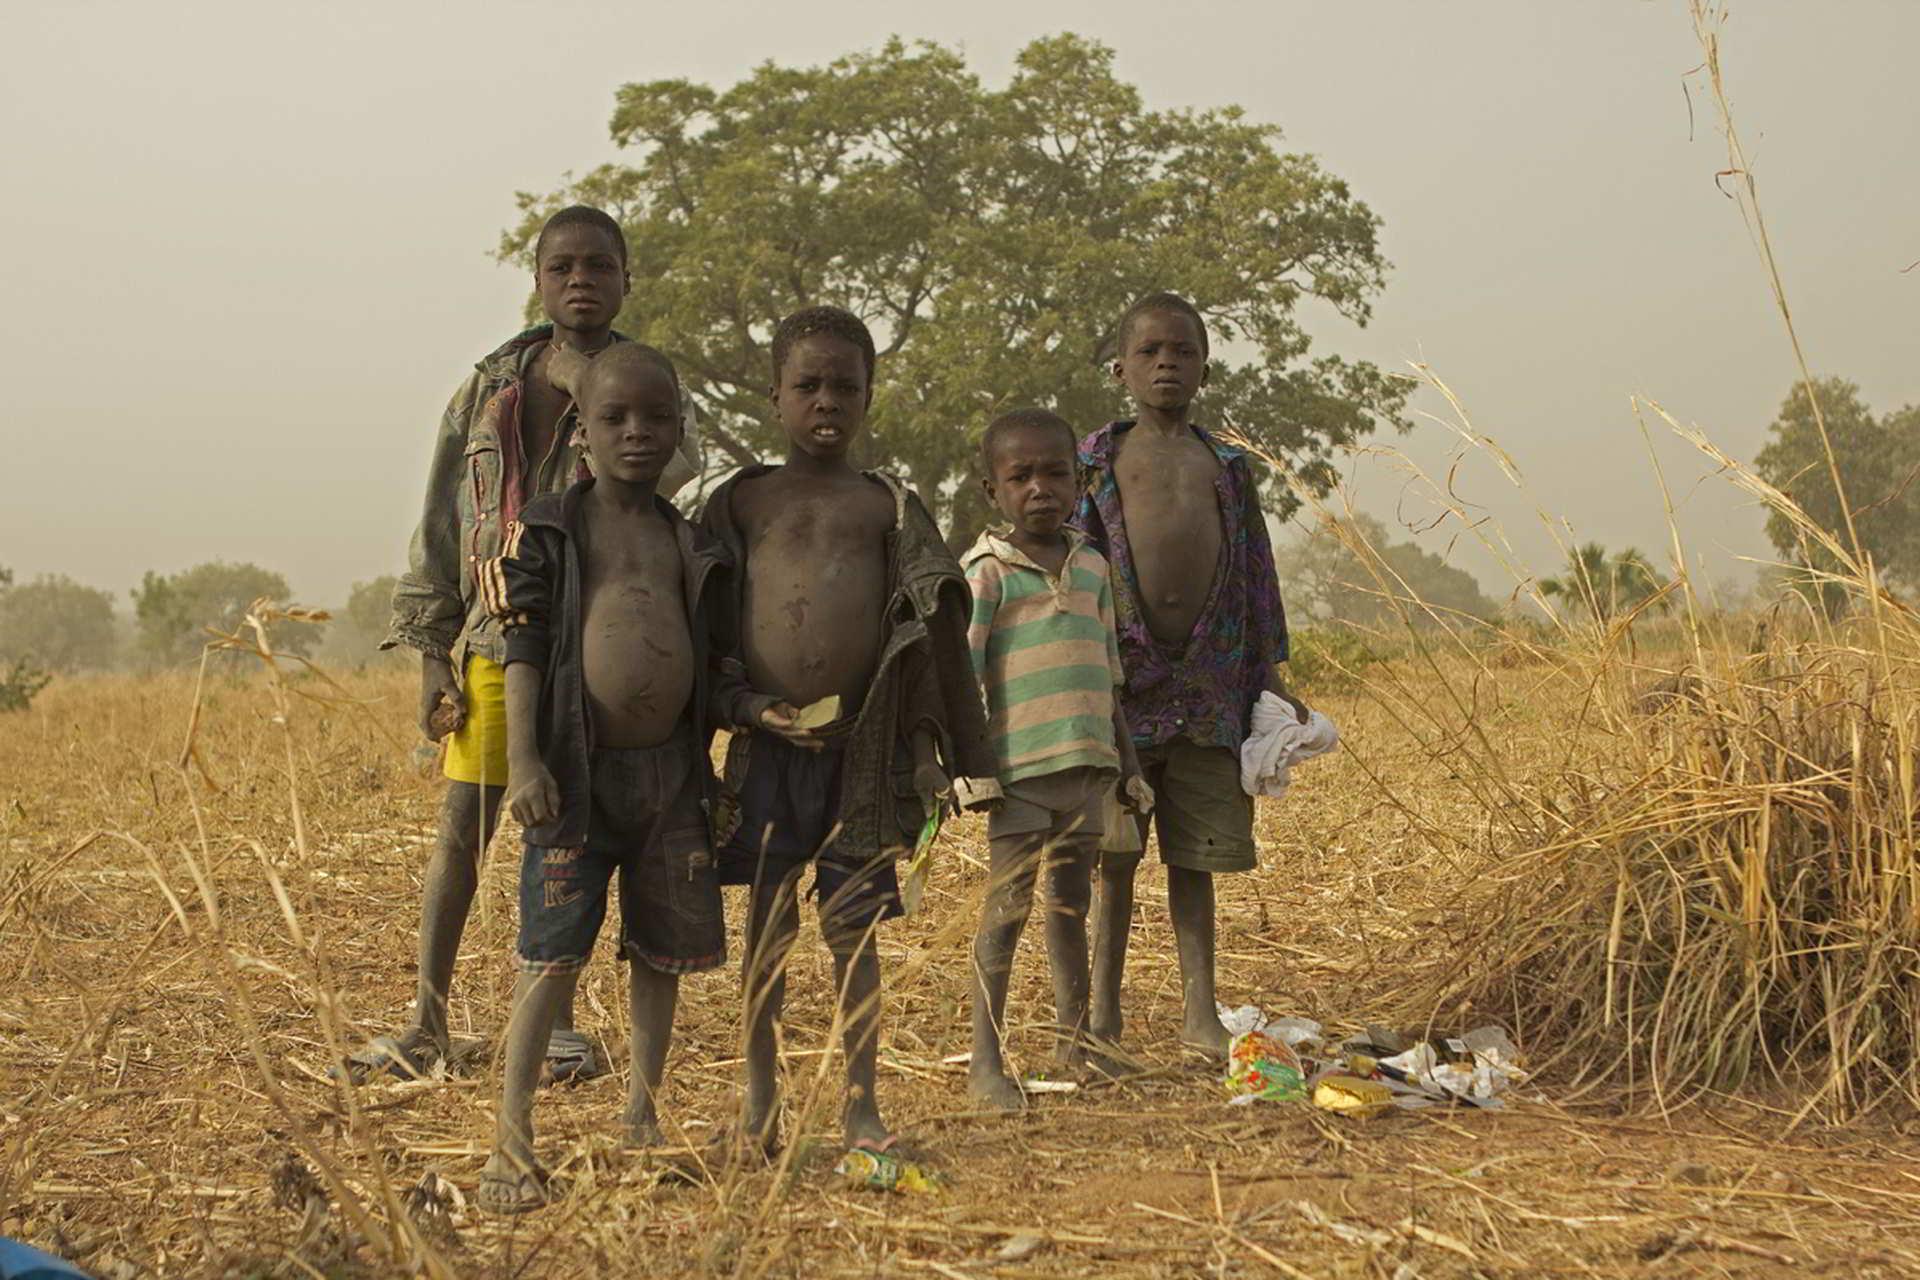 Togo2012 - Togo_2012_197.jpg